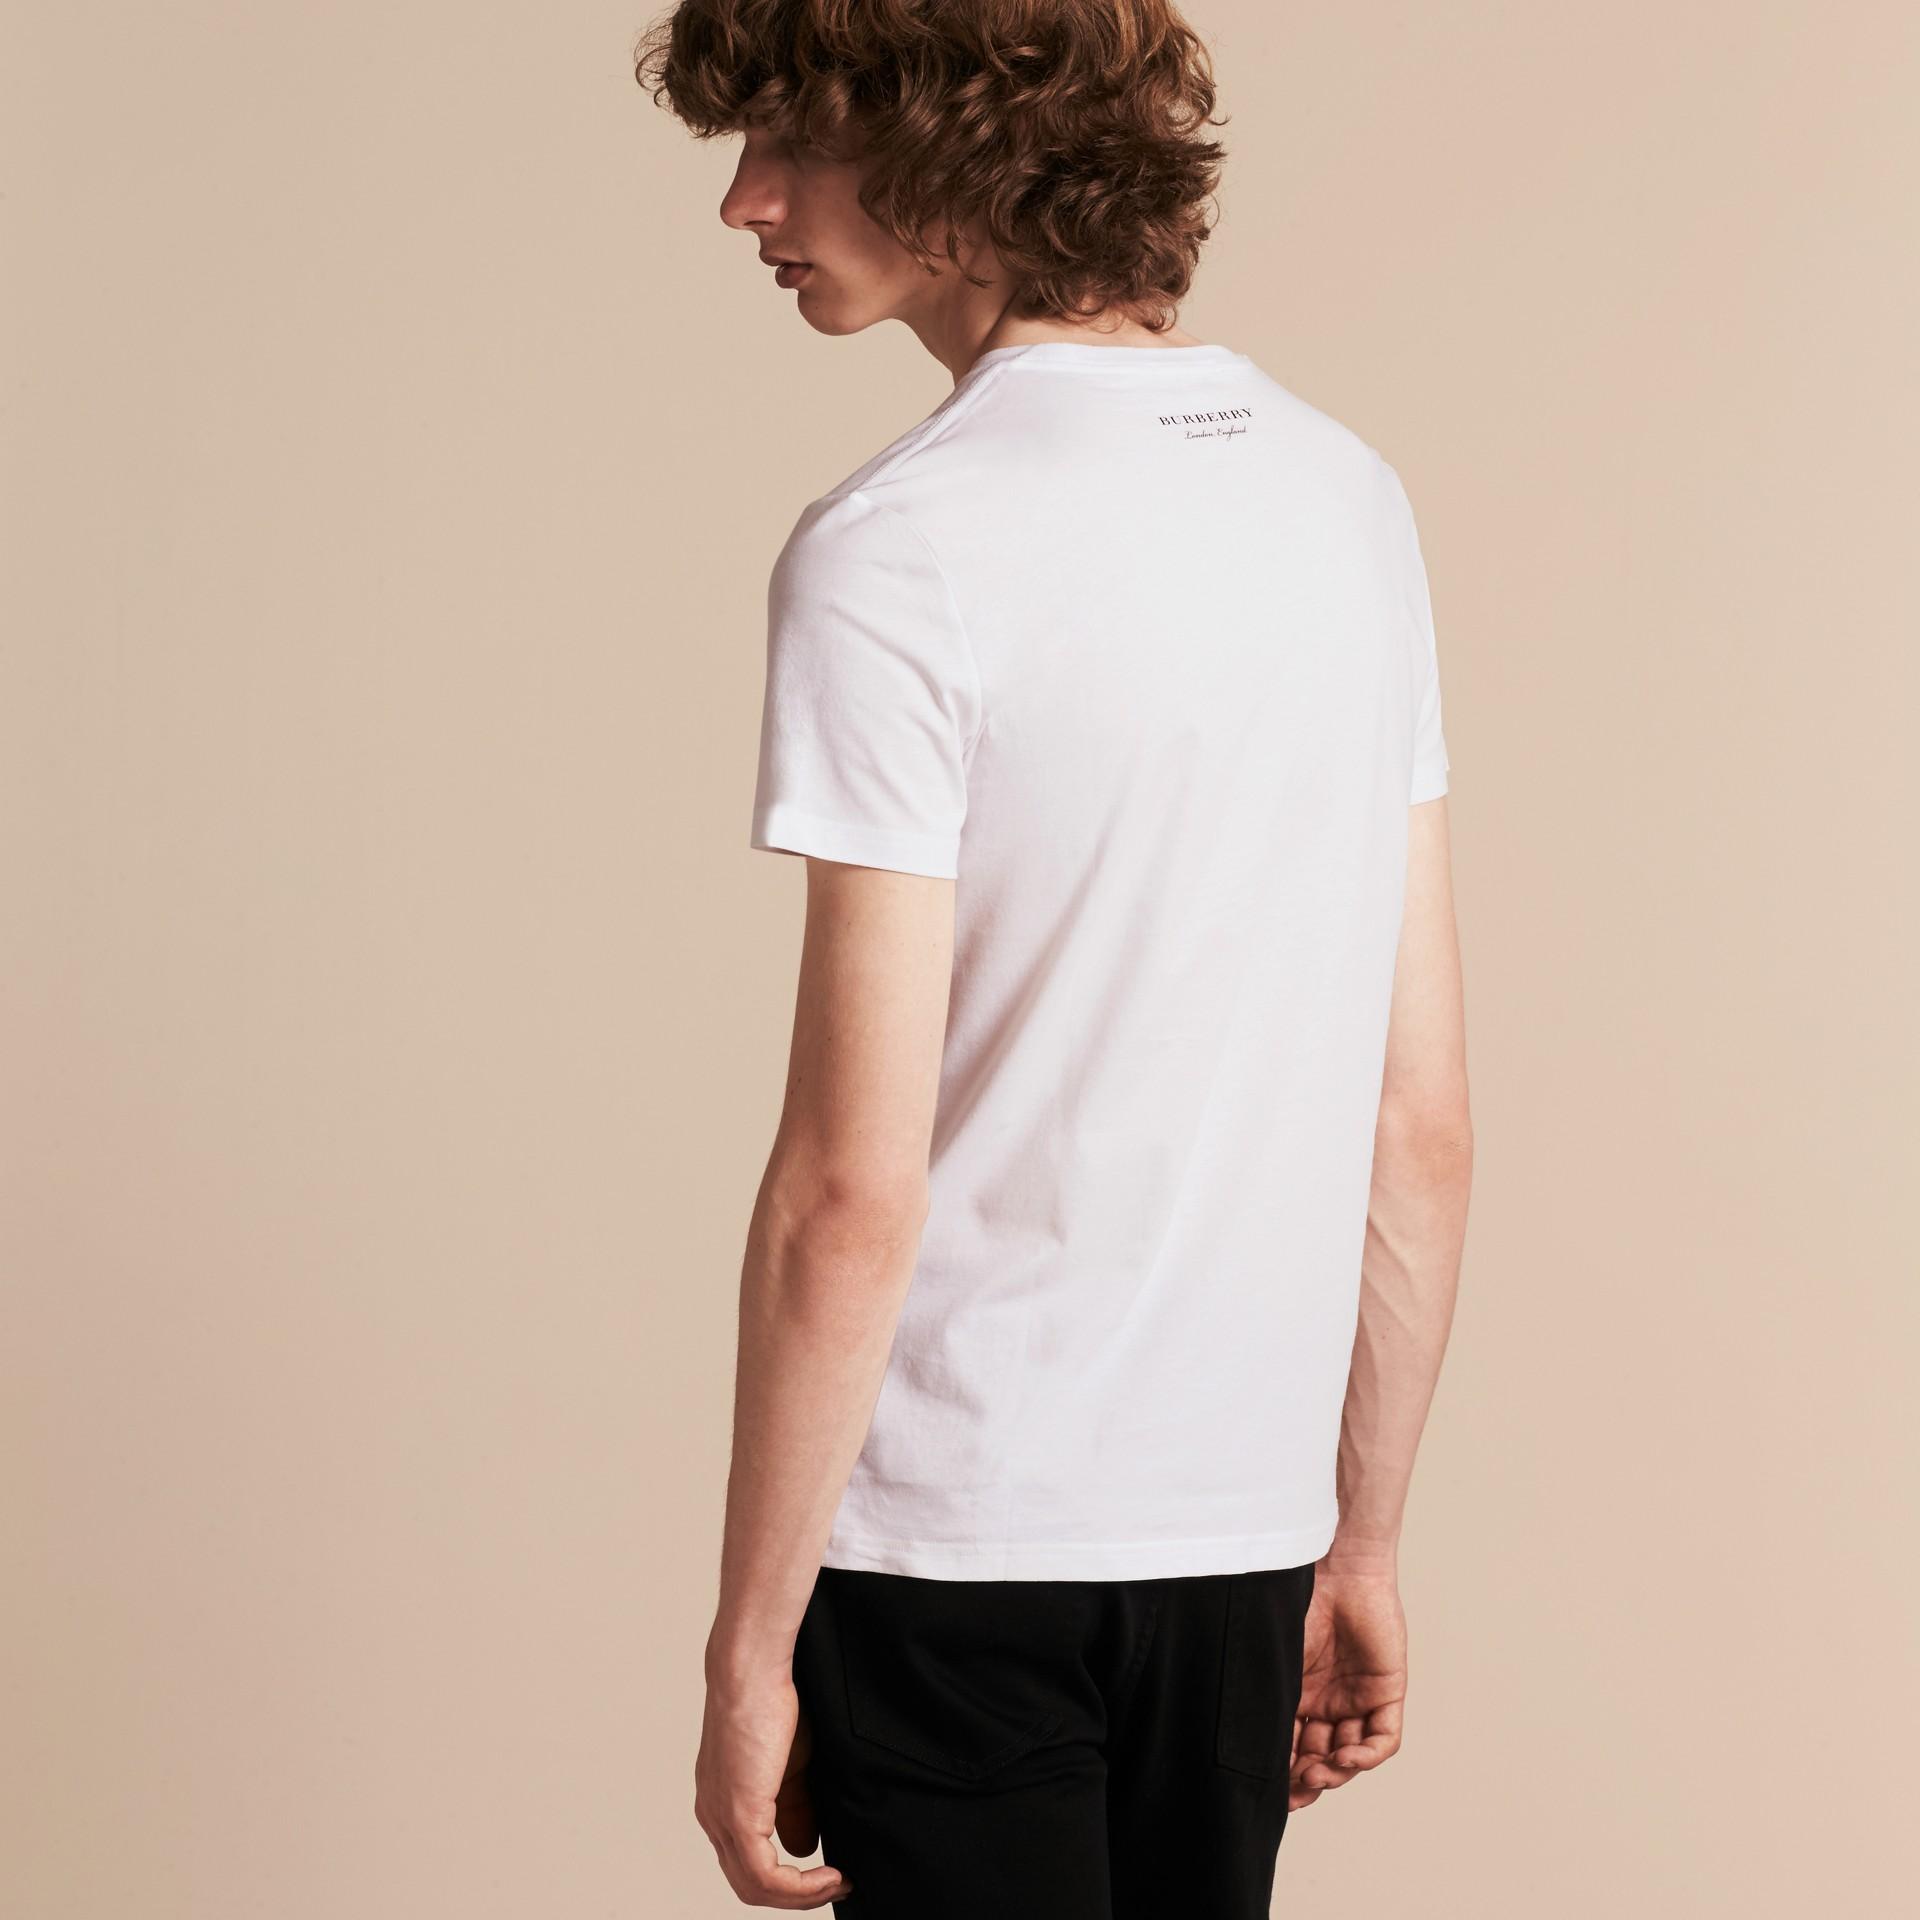 Branco Camiseta de algodão com estampa do Big Ben - galeria de imagens 3